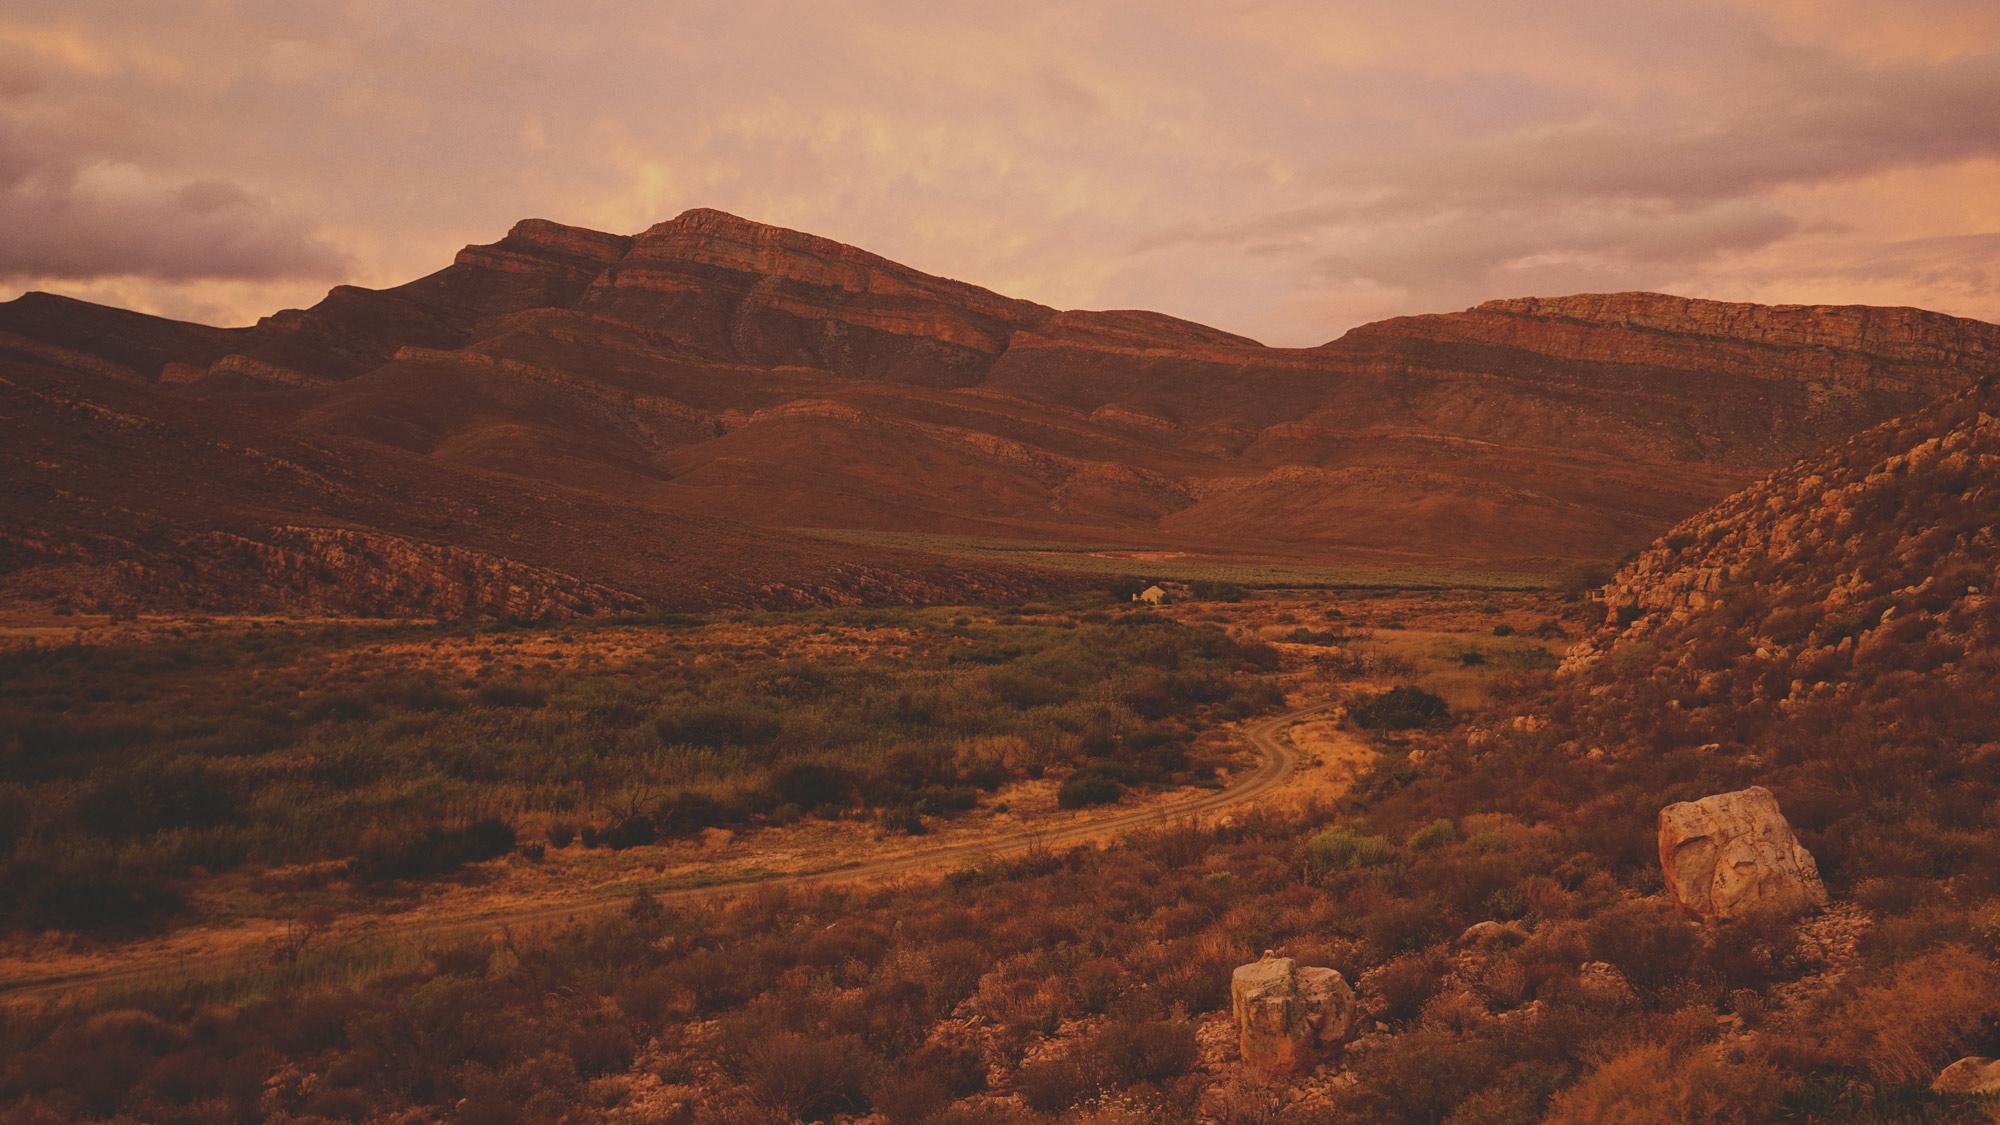 04_Giepert_South_Africa.jpg